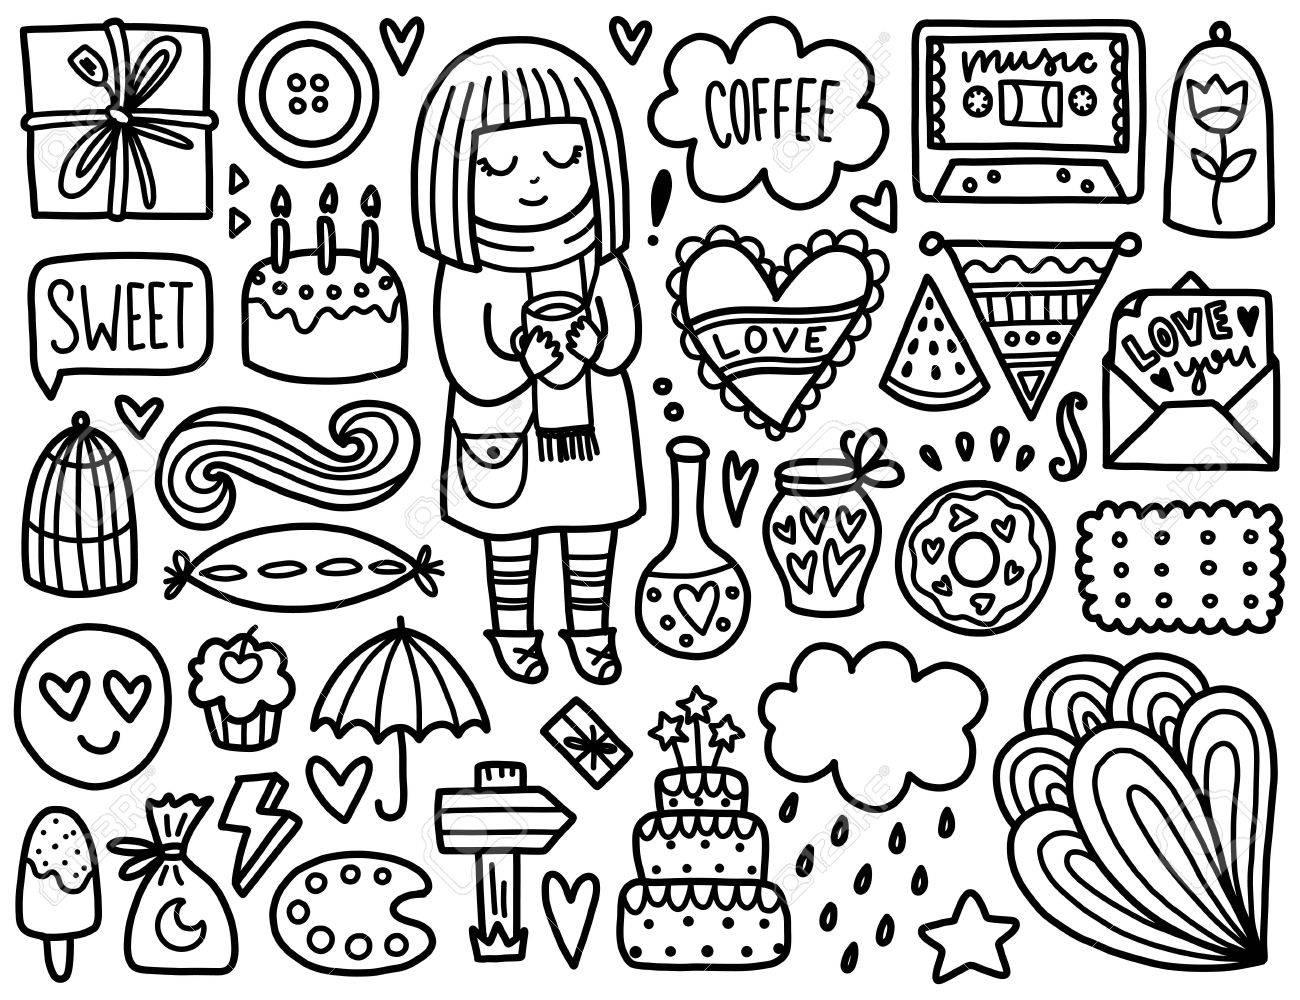 Doodles Elementos Lindo. Colorear Vector Negro. Ilustración Con El ...